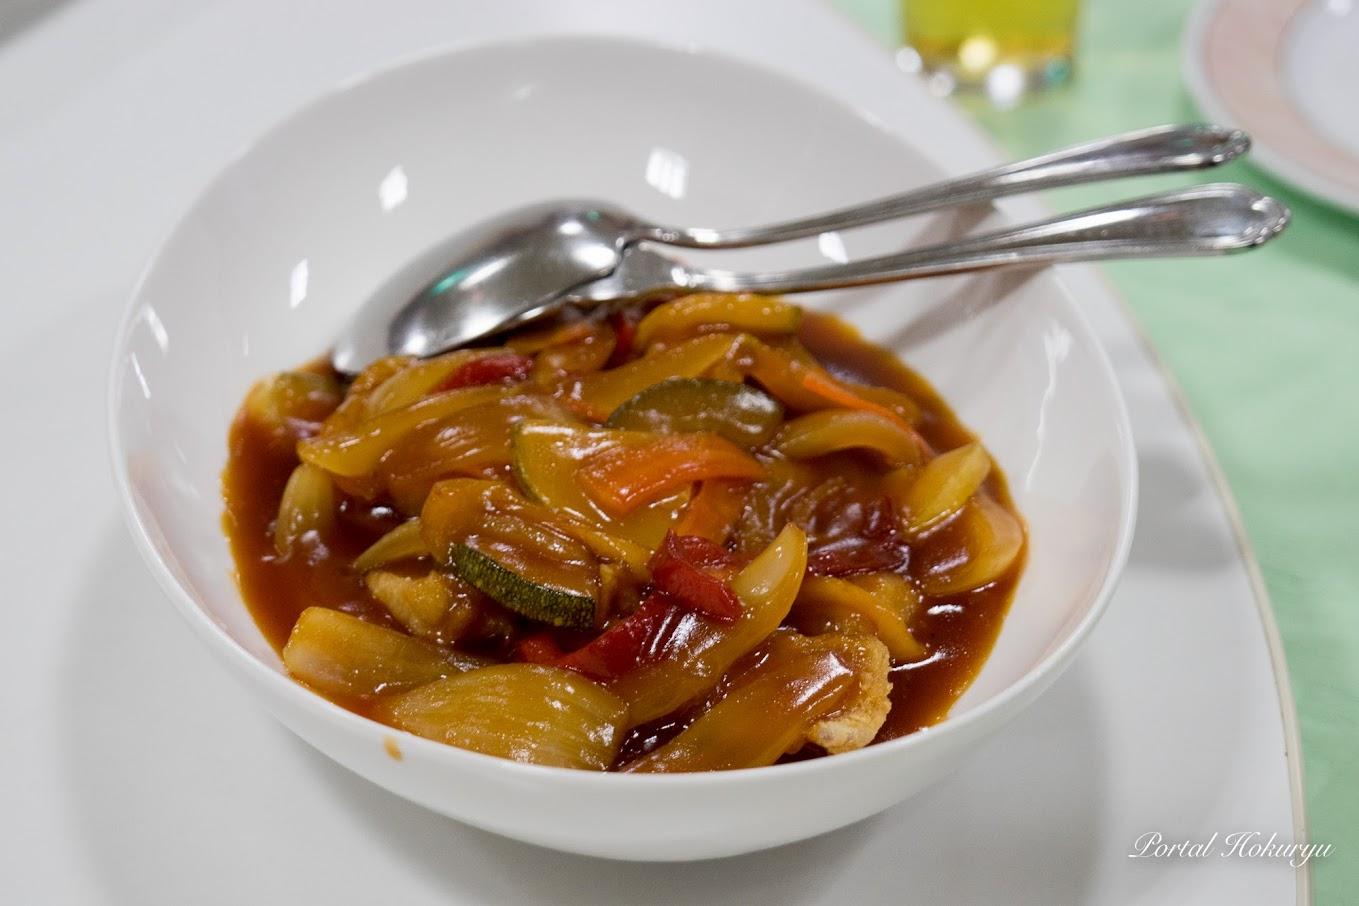 サンフラワーパーク北竜温泉の美味しい宴会料理